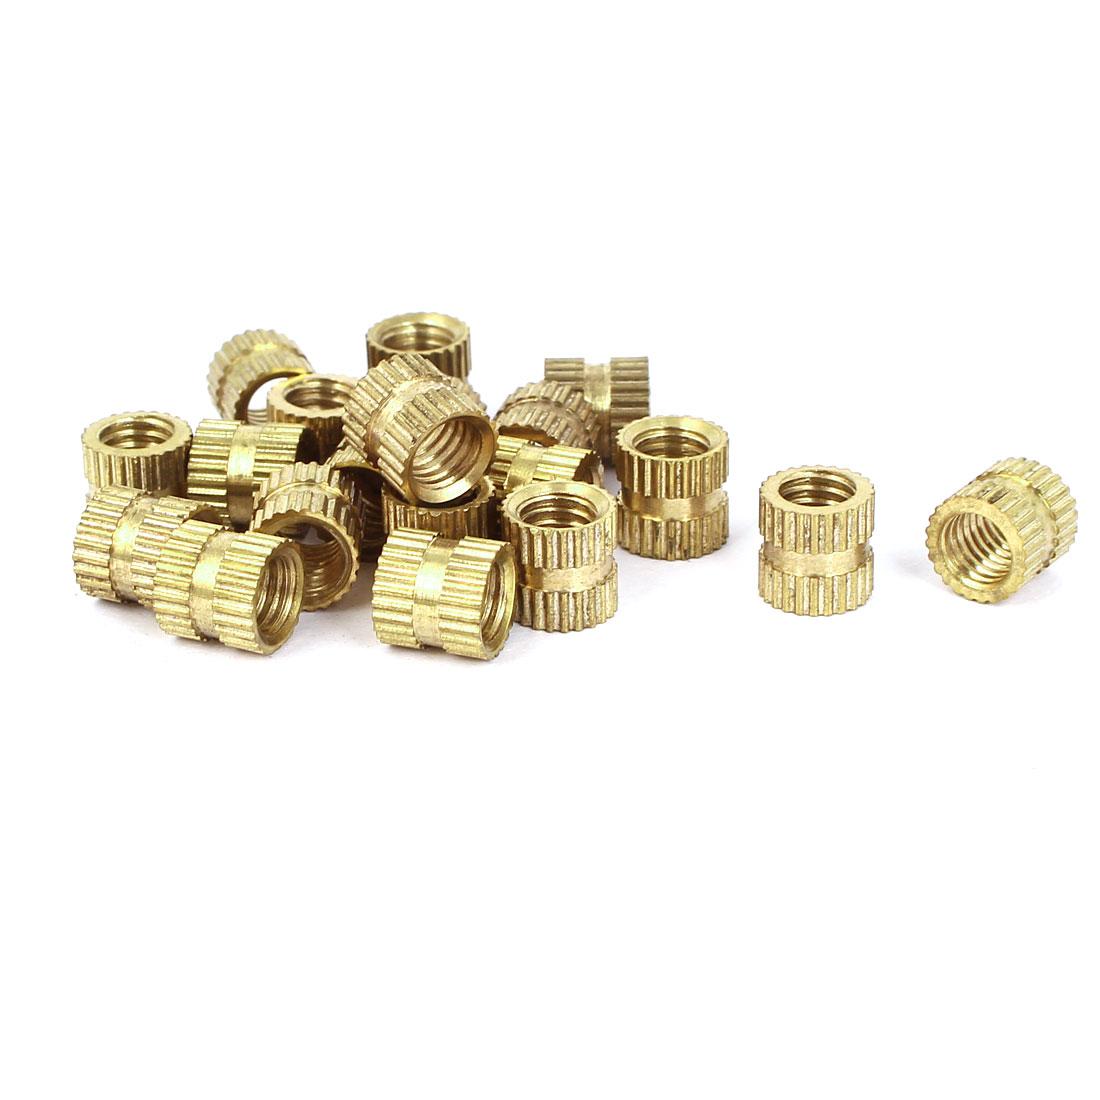 M8x6mm 10mm OD Brass Embedded Knurled Insert Thumb Nuts 20pcs